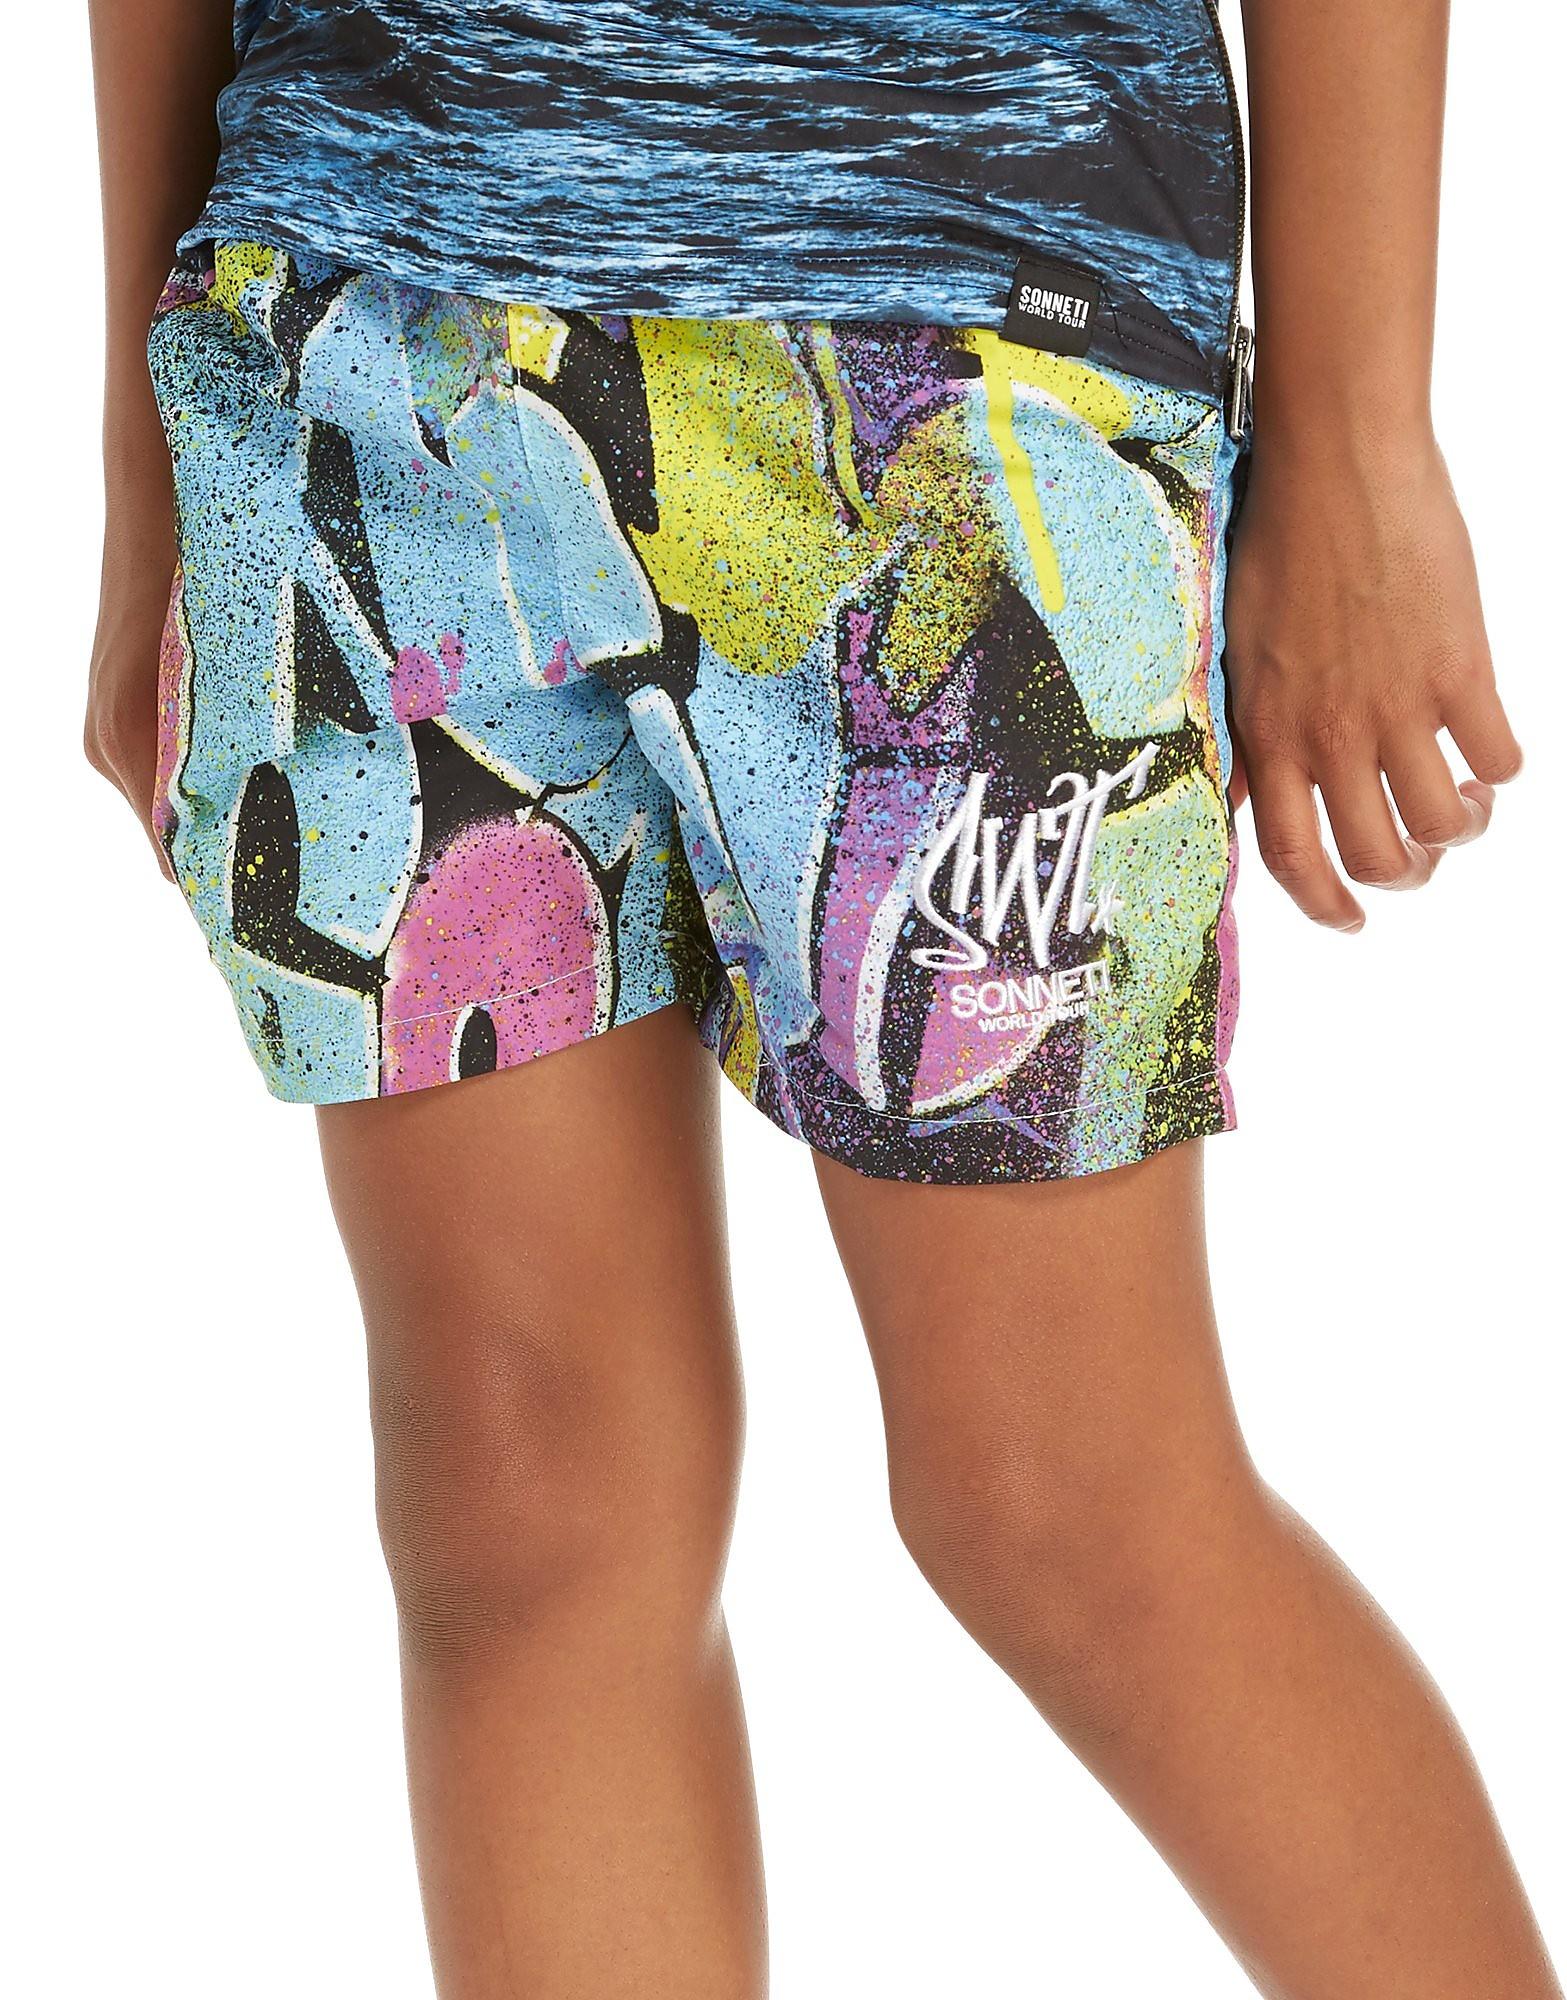 Sonneti Signer Swim Shorts Junior - alleen bij JD - Multi-Coloured - Kind